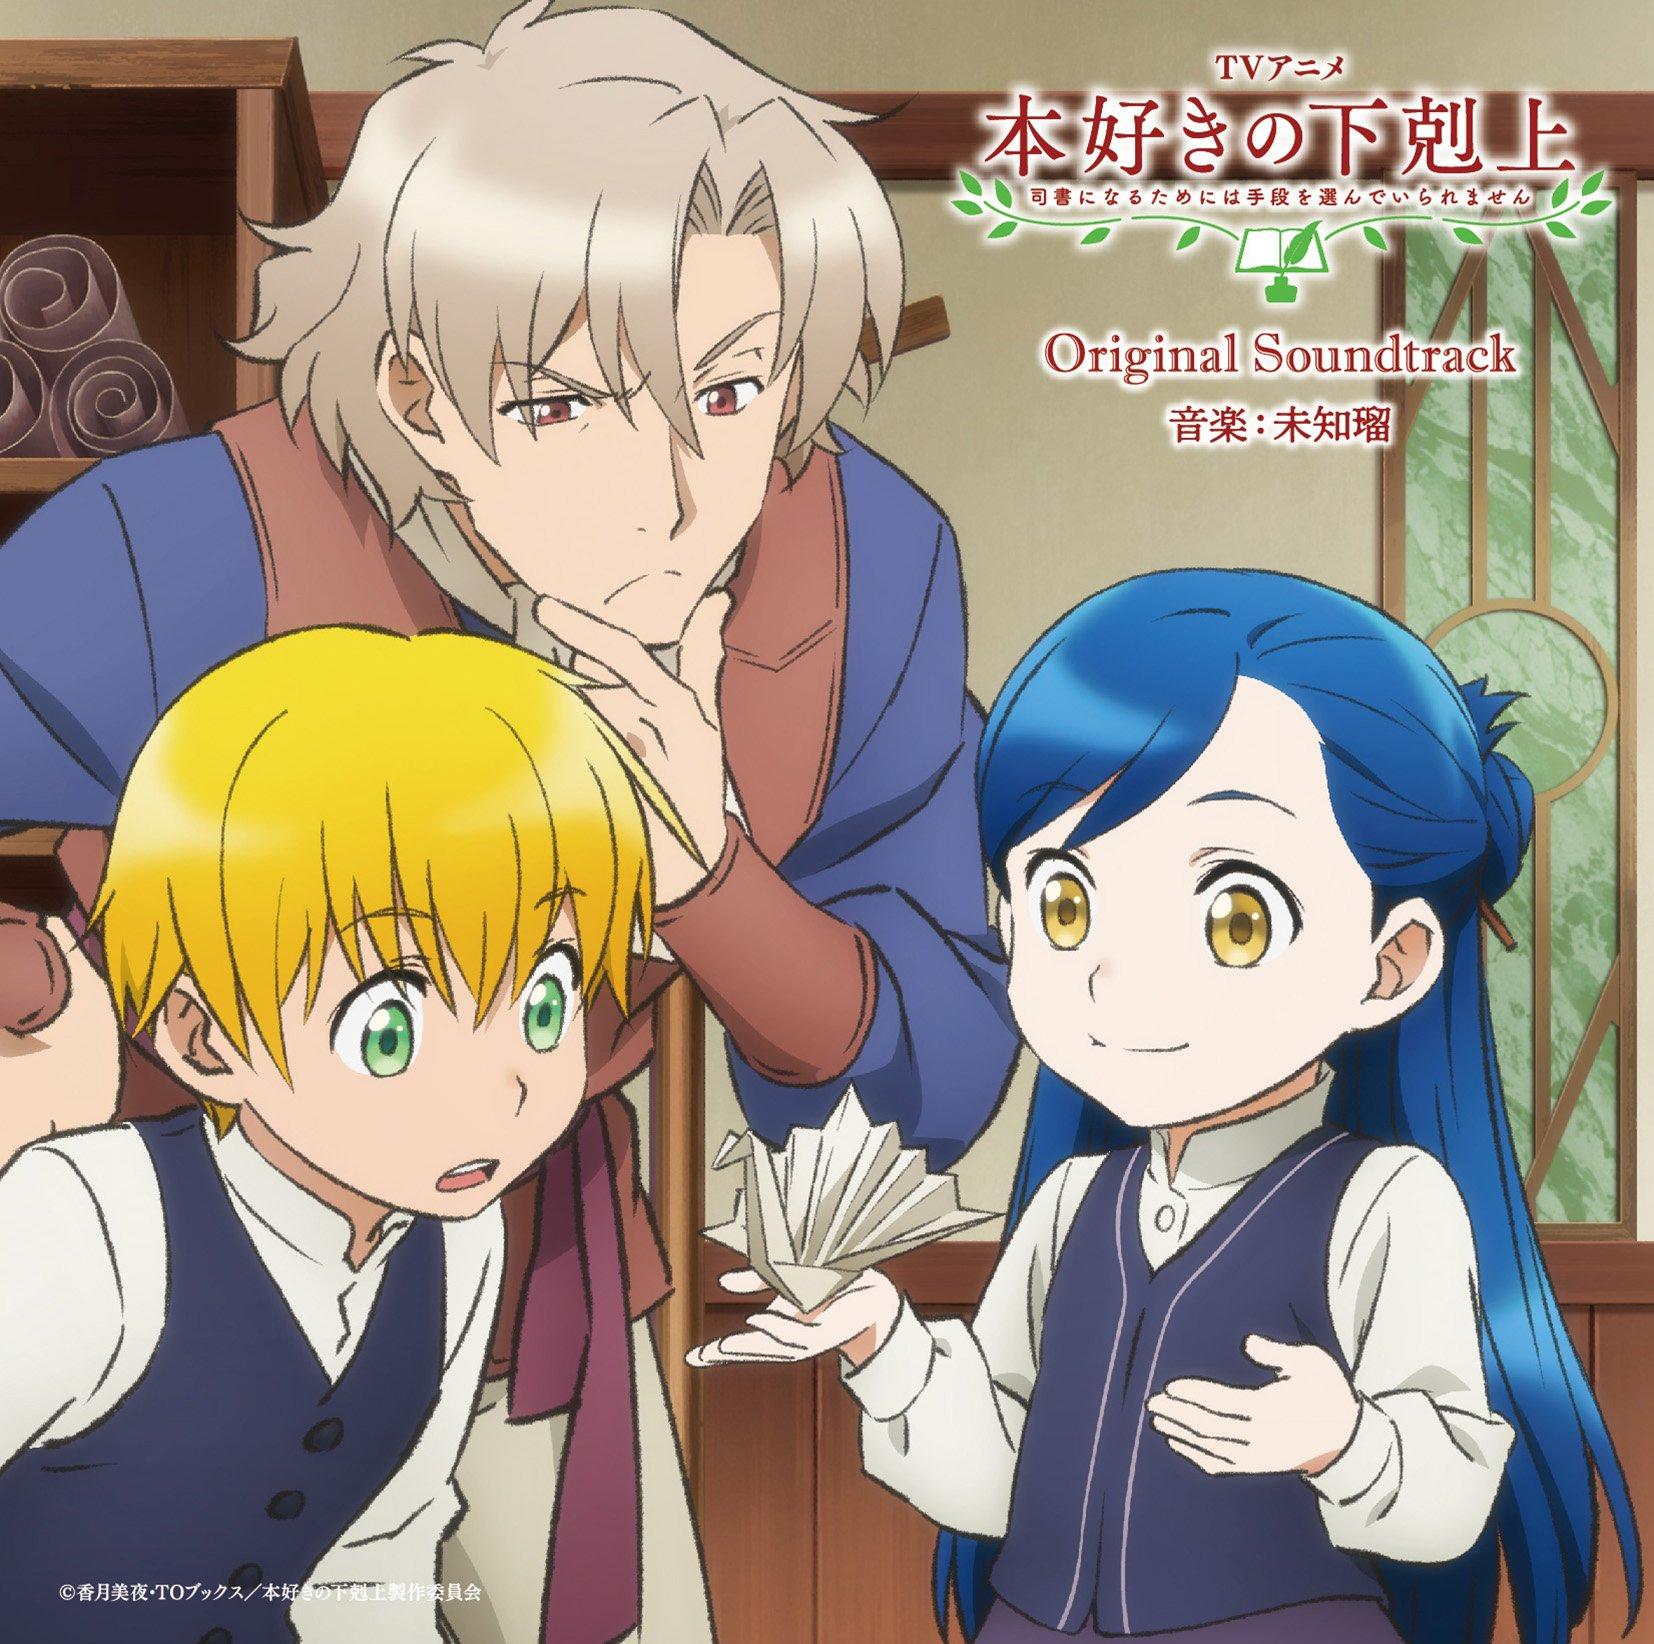 Honzuki no Gekokujou Original Soundtrack  本好きの下剋上 司書になるためには手段を選んでいられません オリジナルサウンドトラック